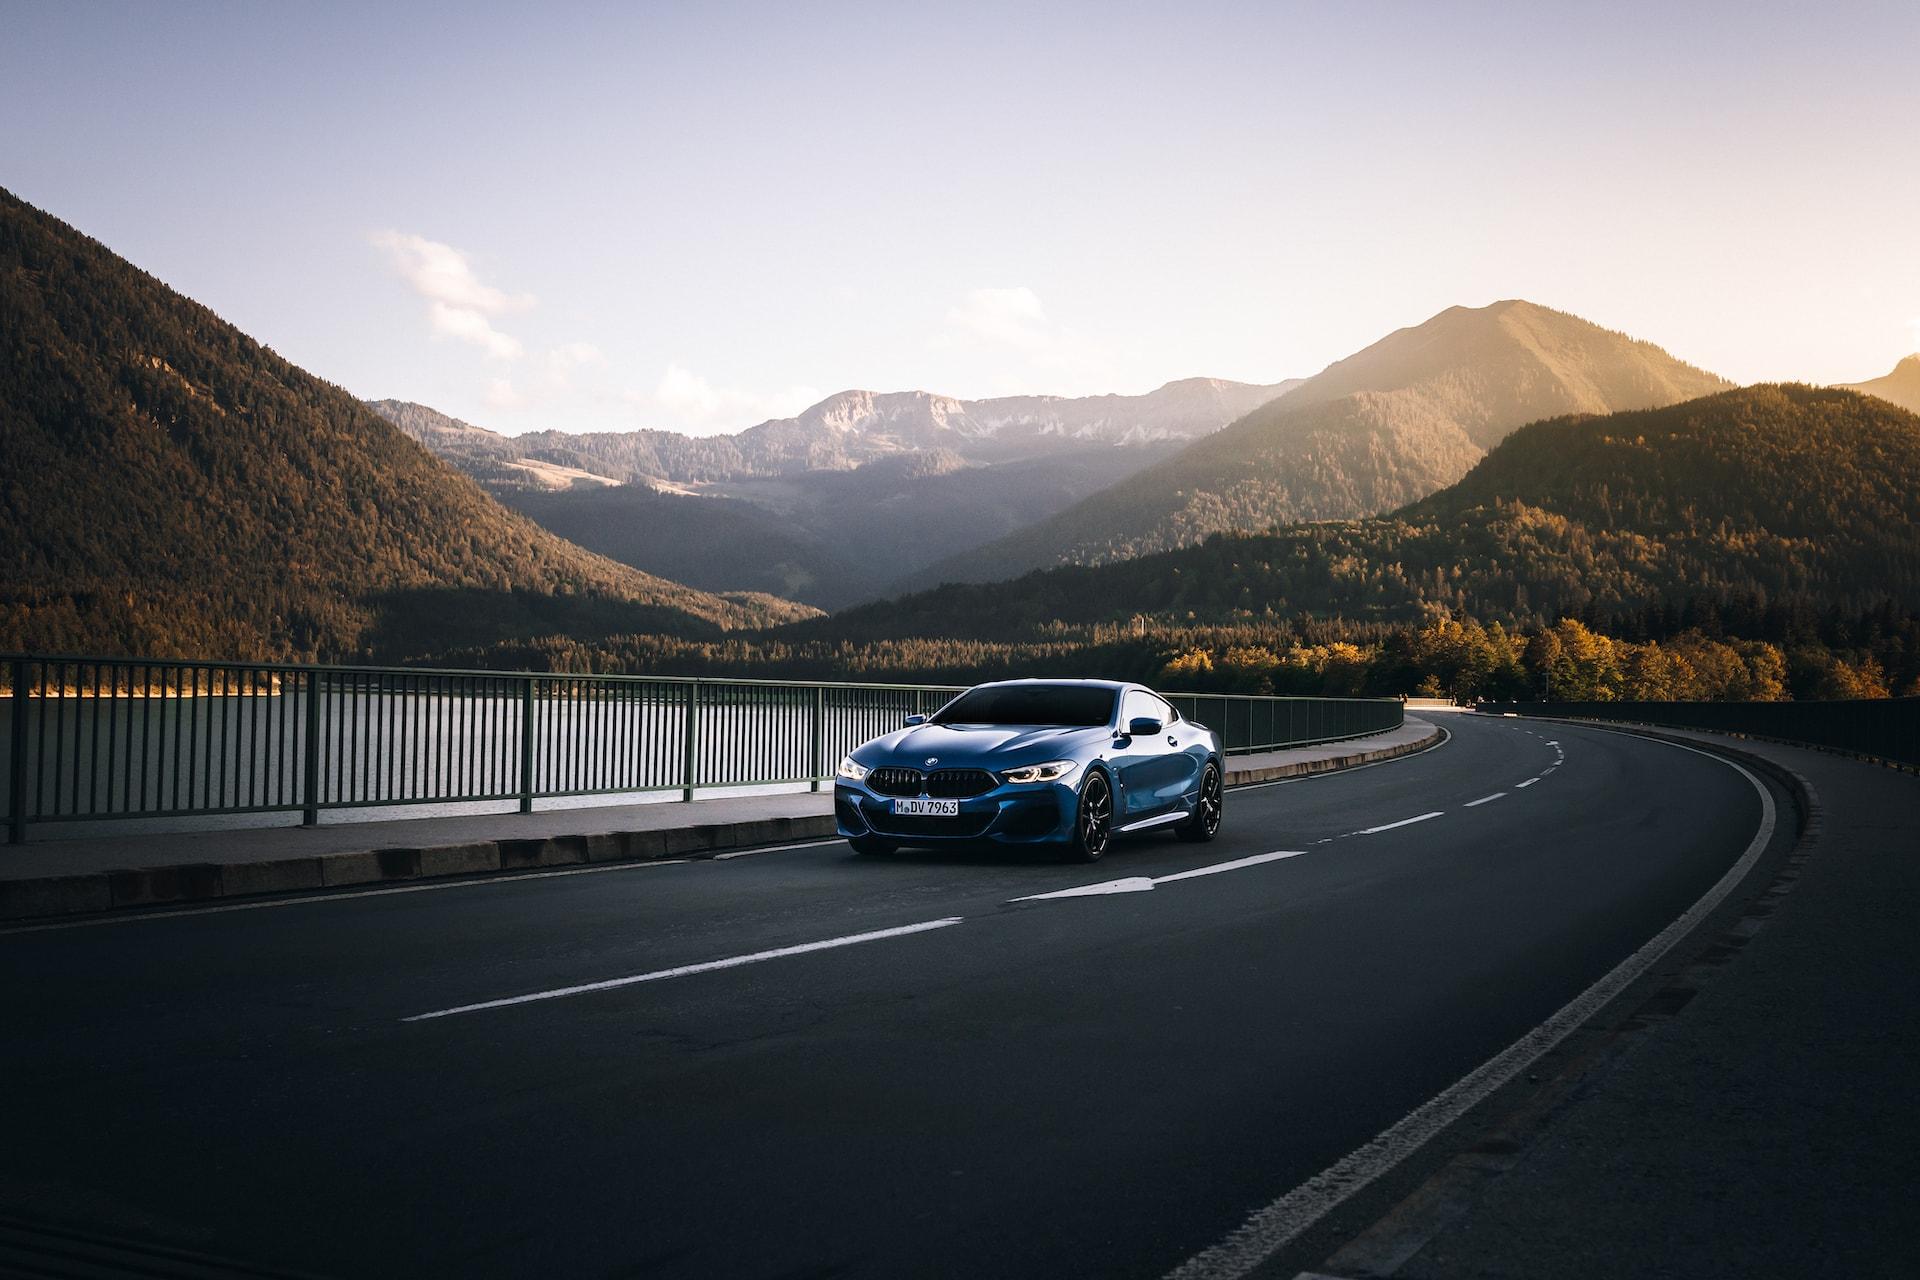 The Power of Choice: Für welches BMW Modell würdest du Dich entscheiden? 3